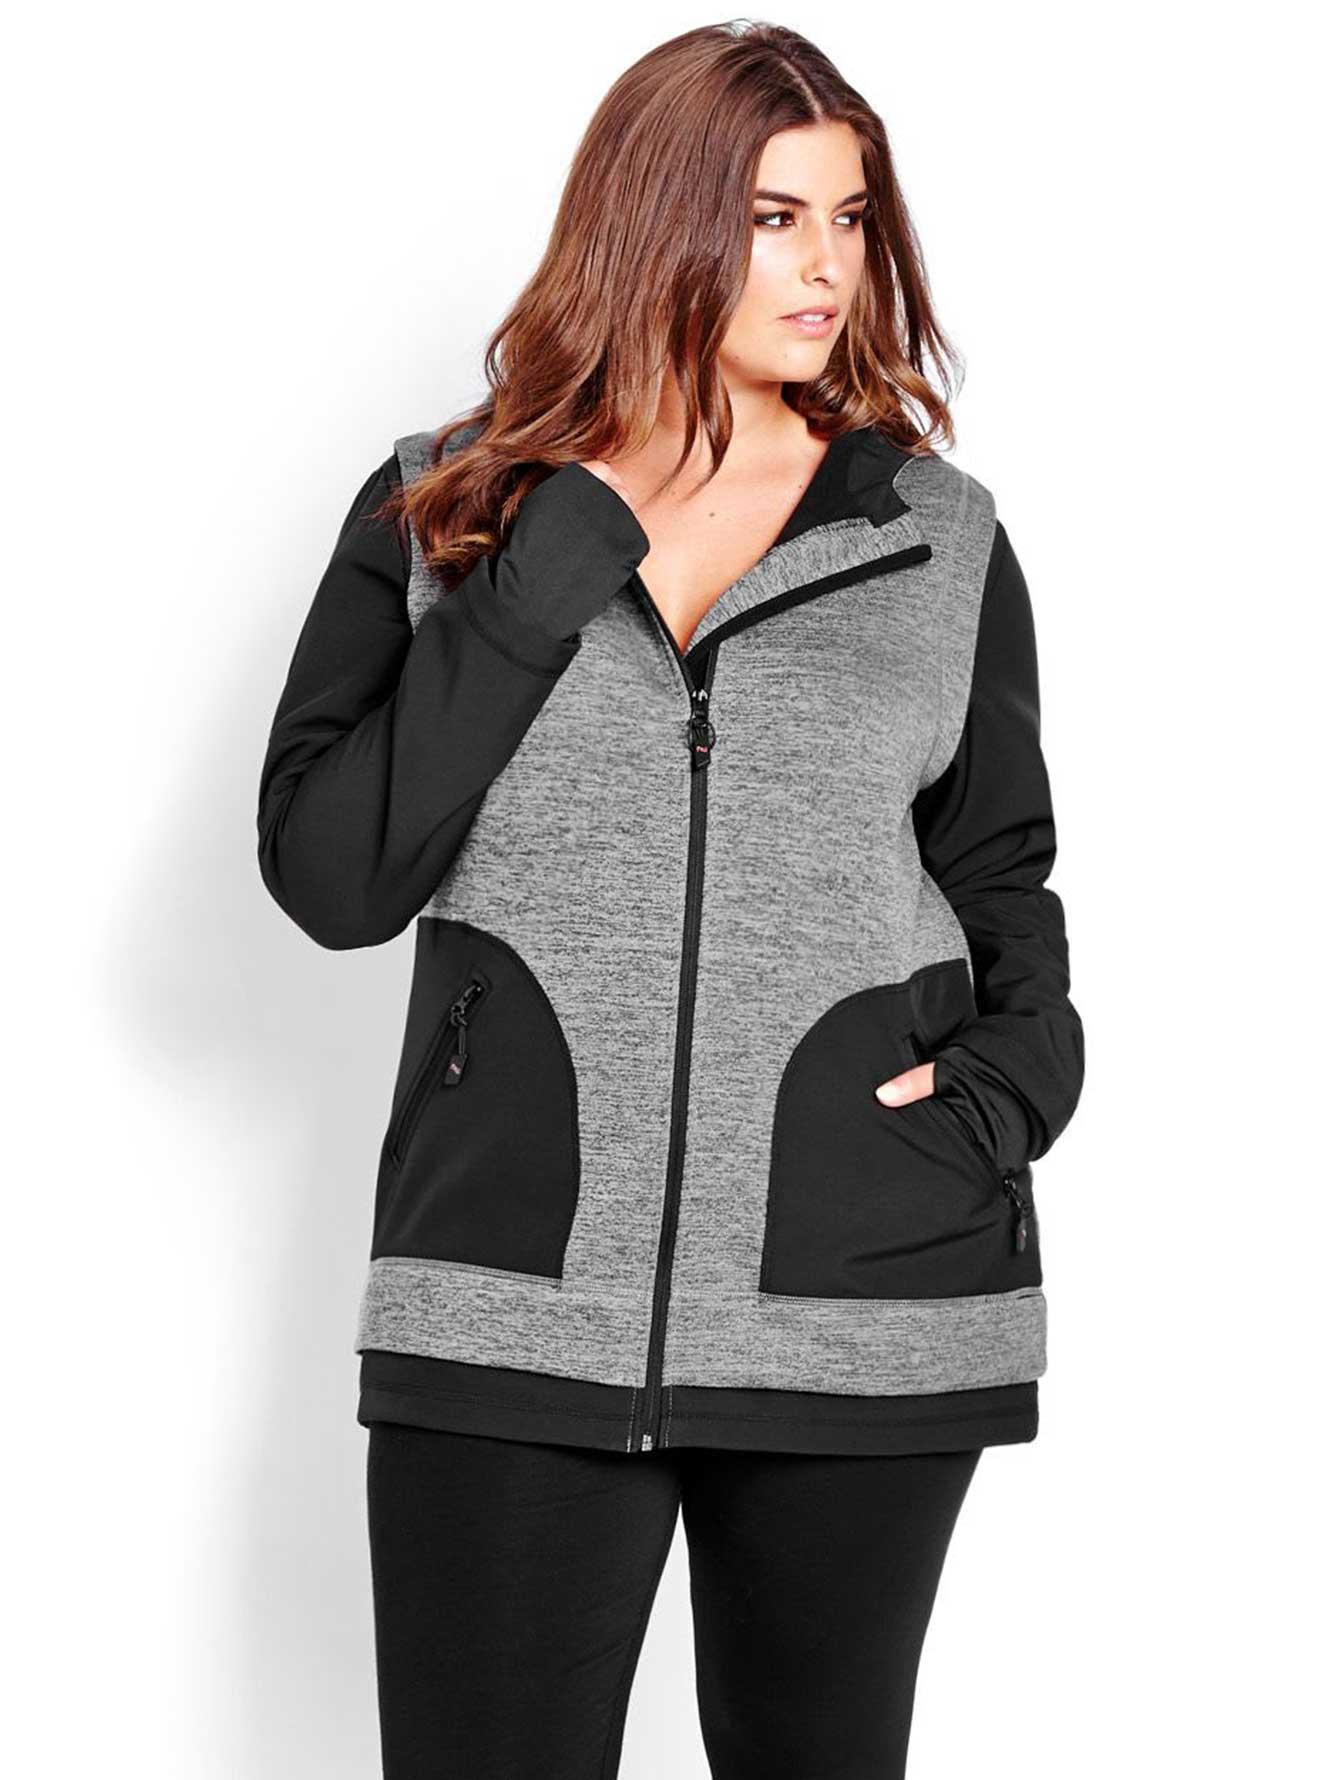 a0fd1d5136 Nola Hooded Softshell Jacket